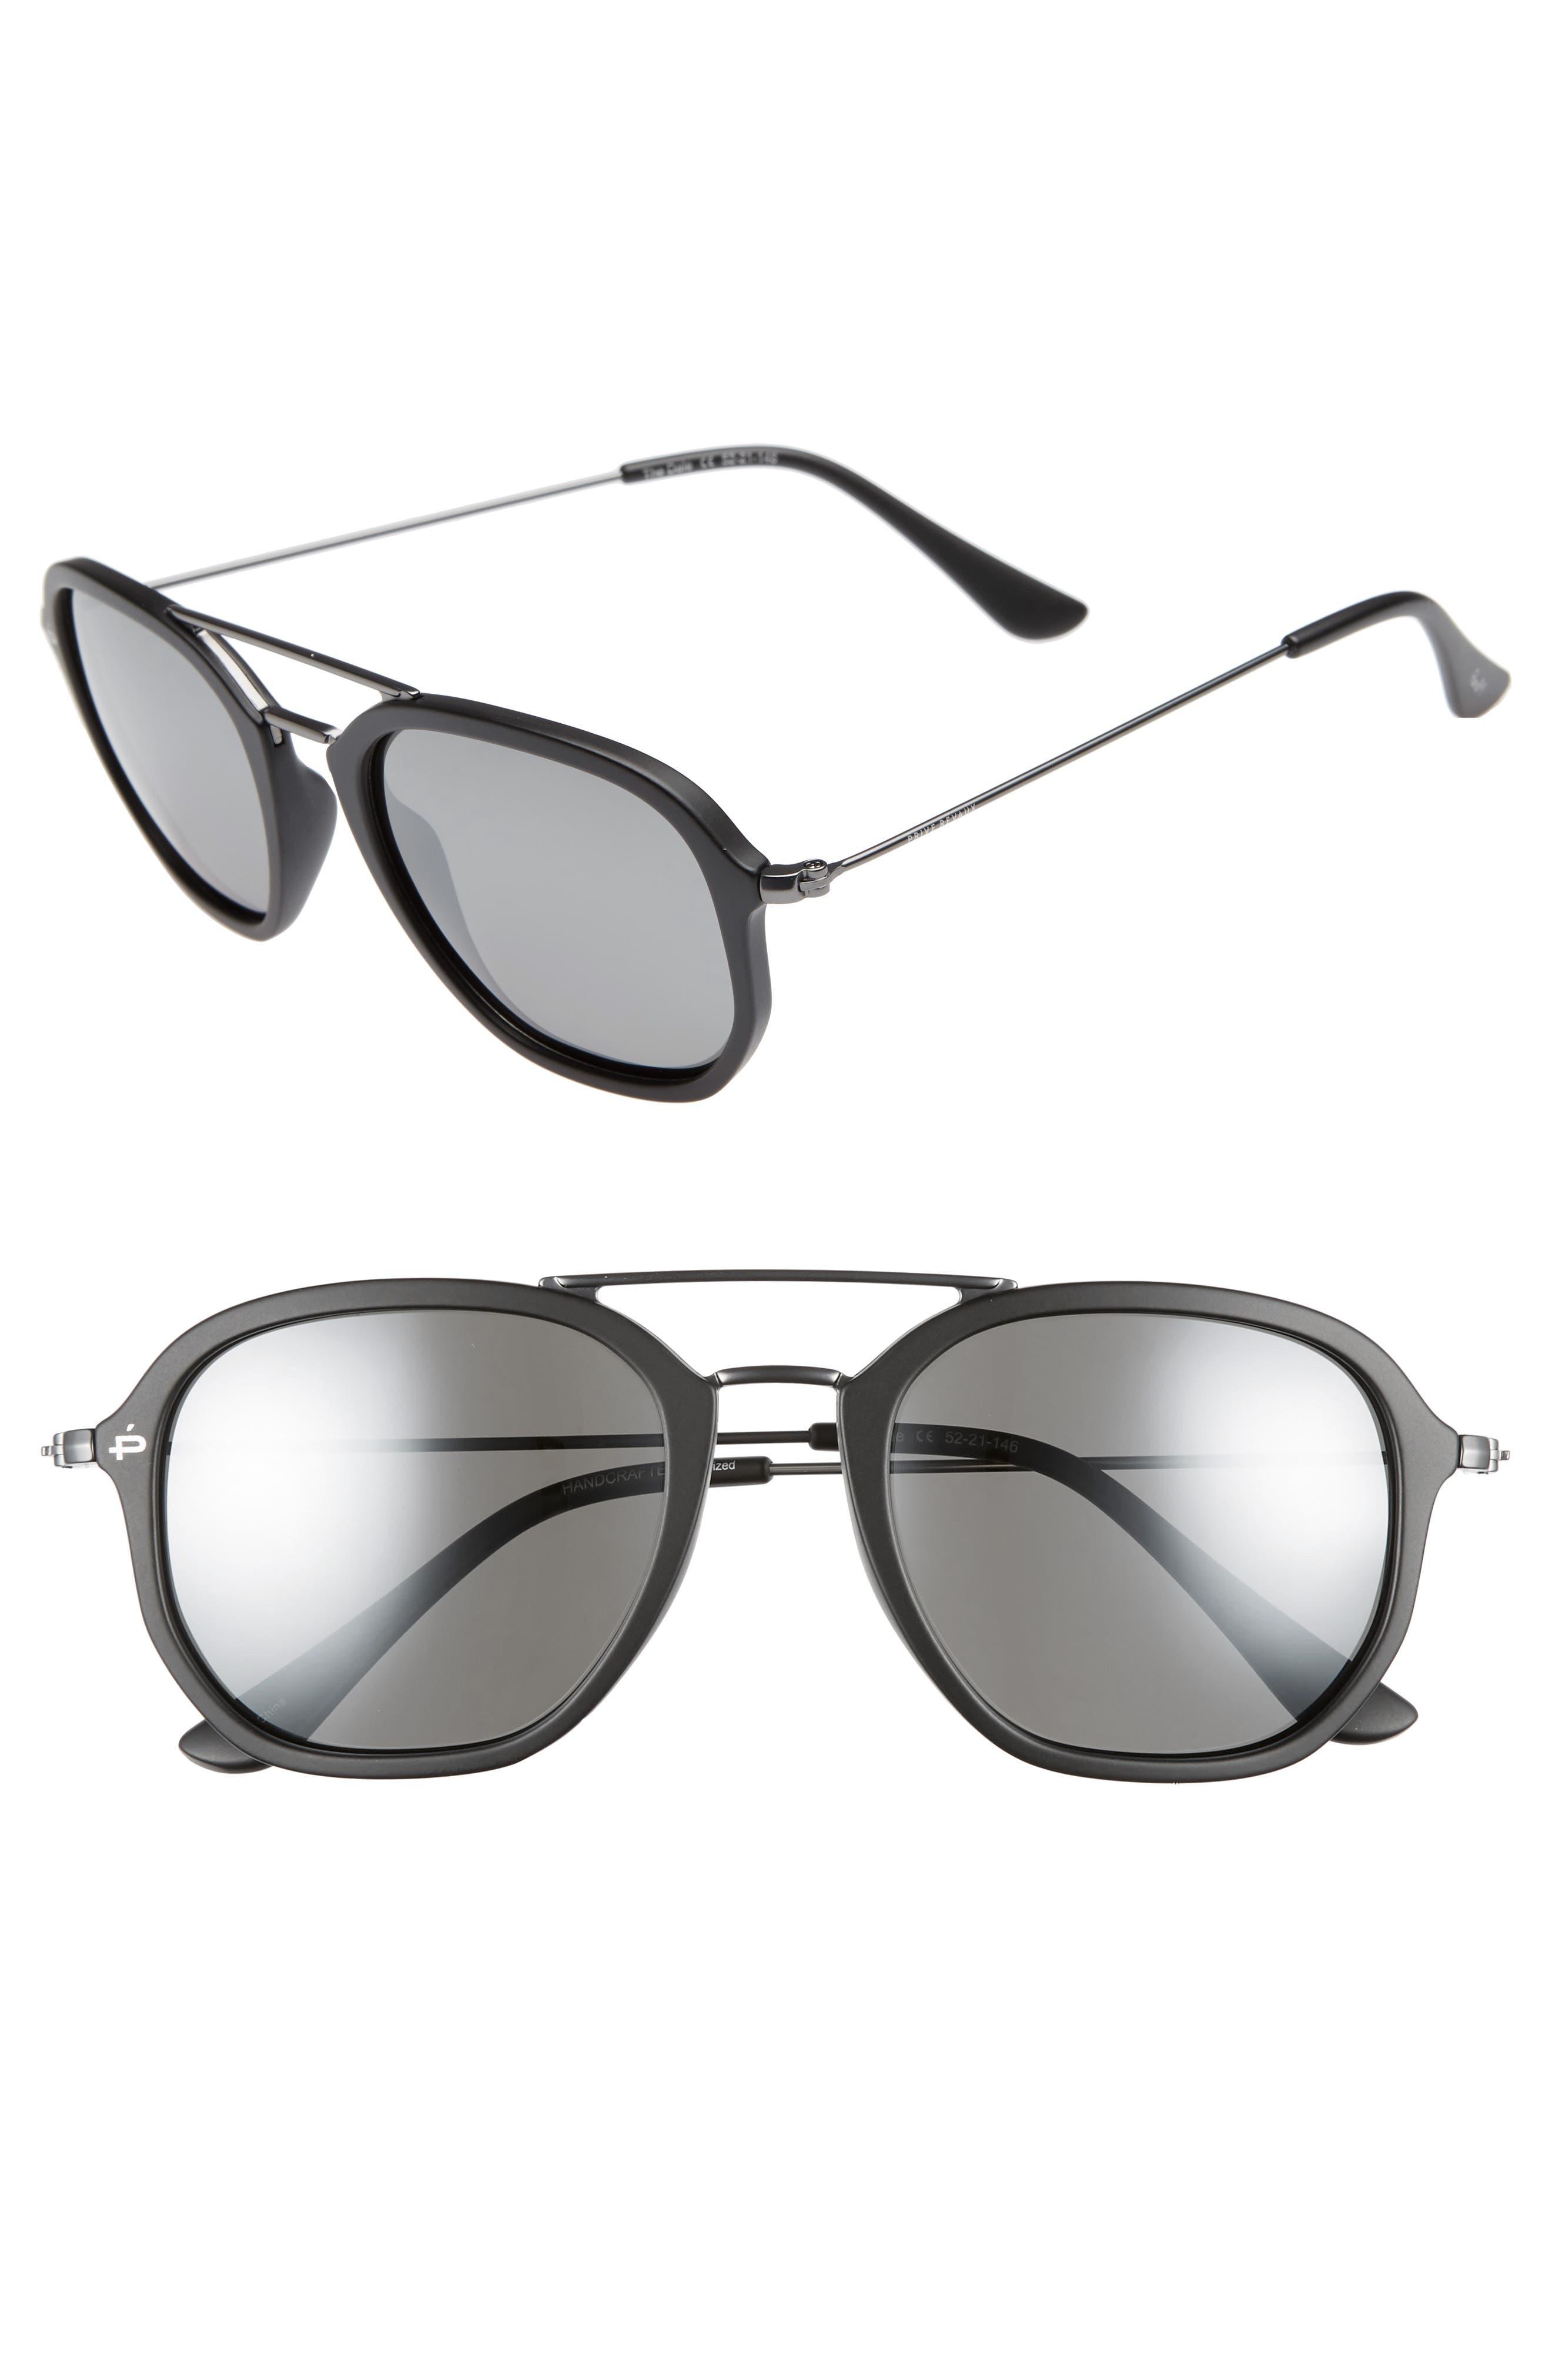 Privé Revaux The Dale Polarized 52mm Sunglasses,                             Main thumbnail 1, color,                             001